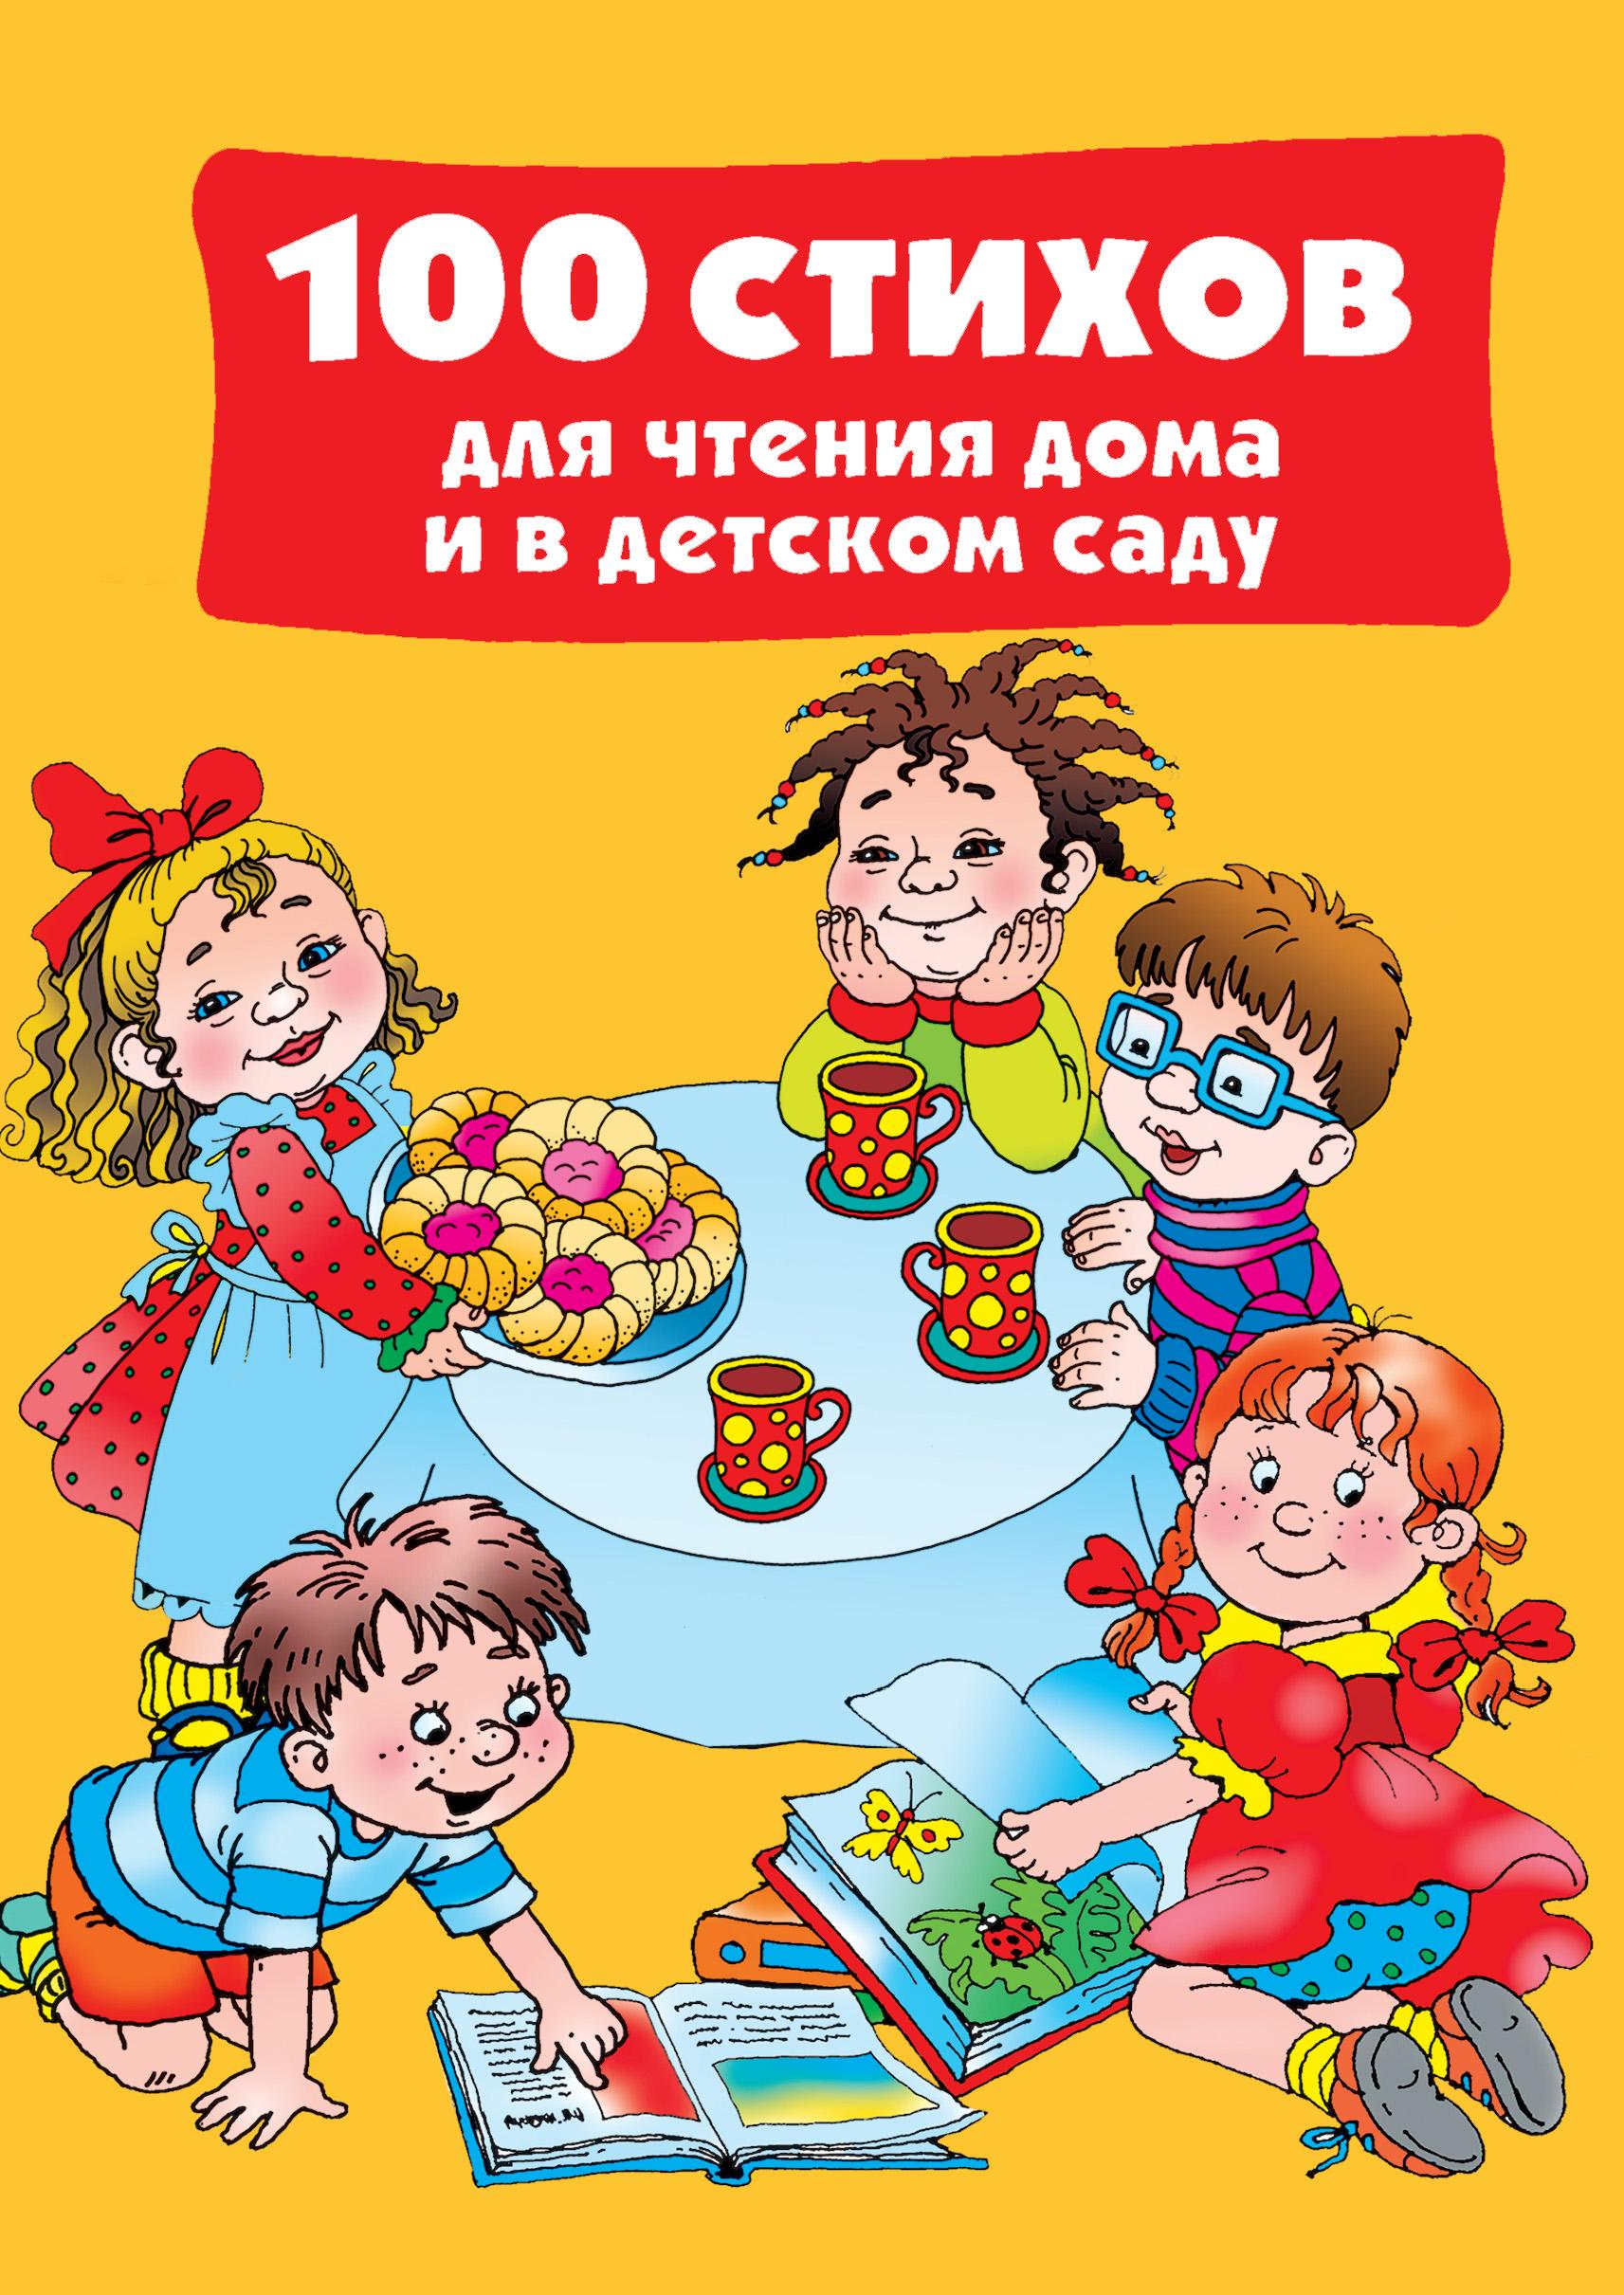 Коллектив авторов 100 стихов для чтения дома и в детском саду отговорила роща золотая стихи русских поэтов об осени